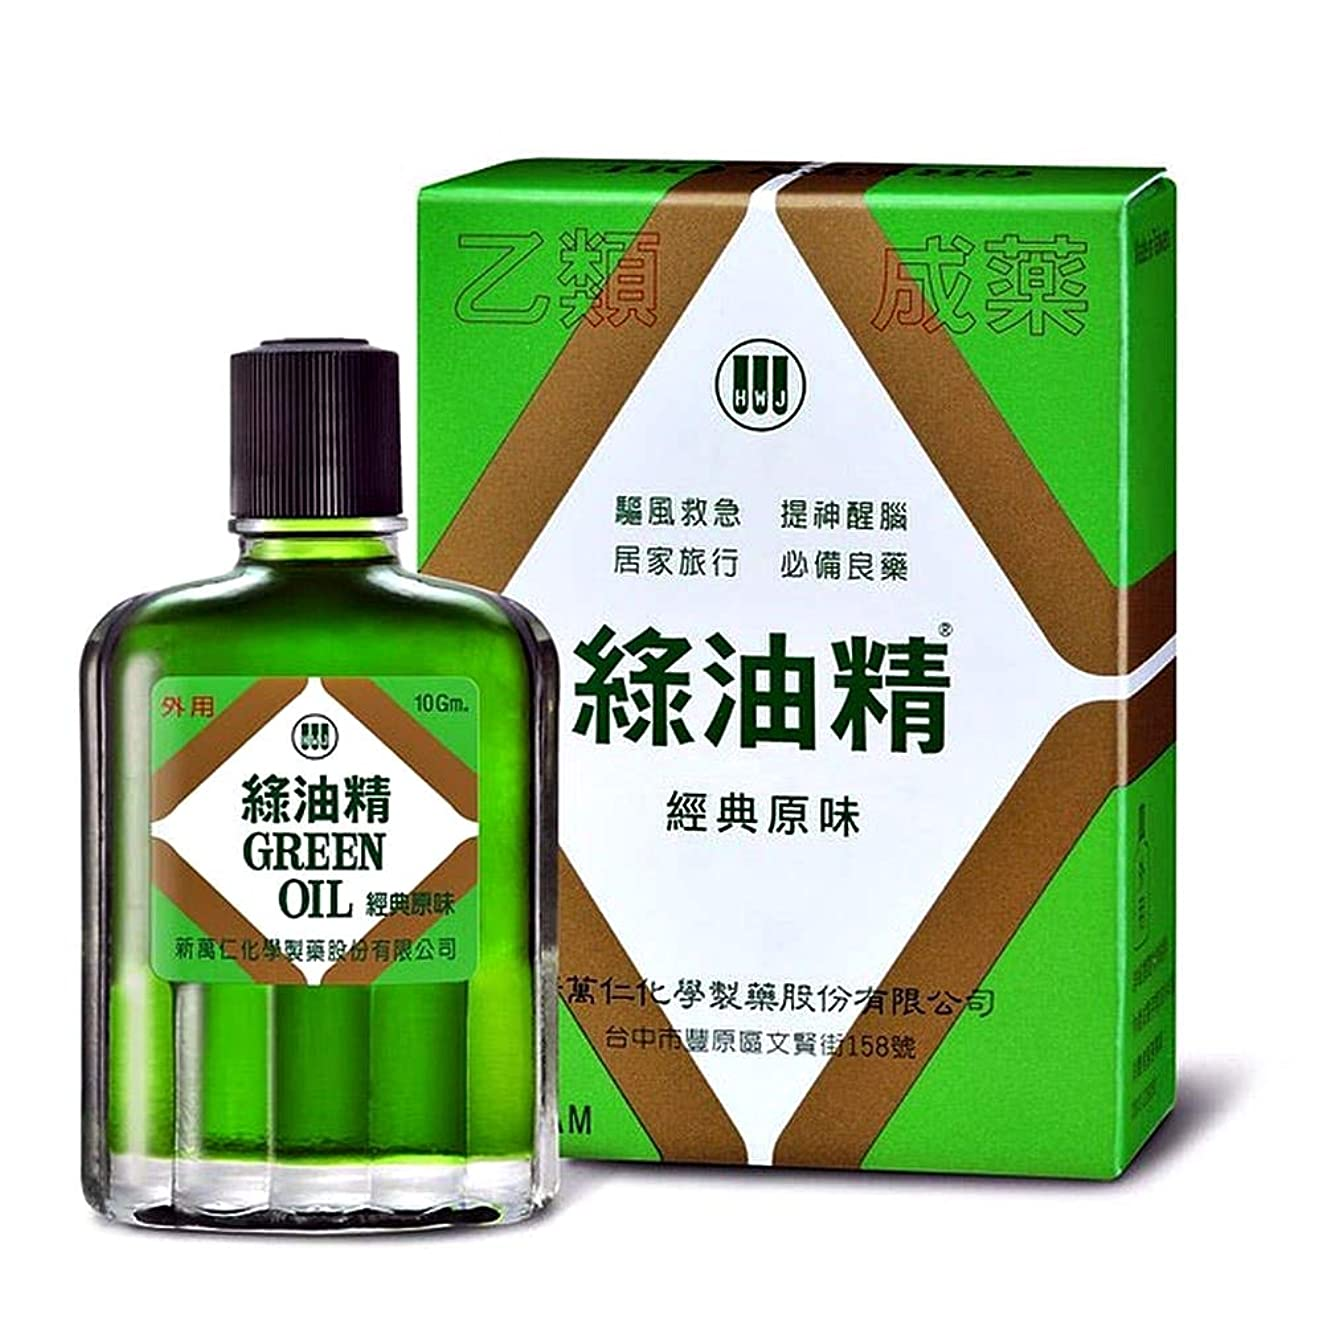 空白れる不公平《新萬仁》台湾の万能グリーンオイル 緑油精 10g 《台湾 お土産》 [並行輸入品]